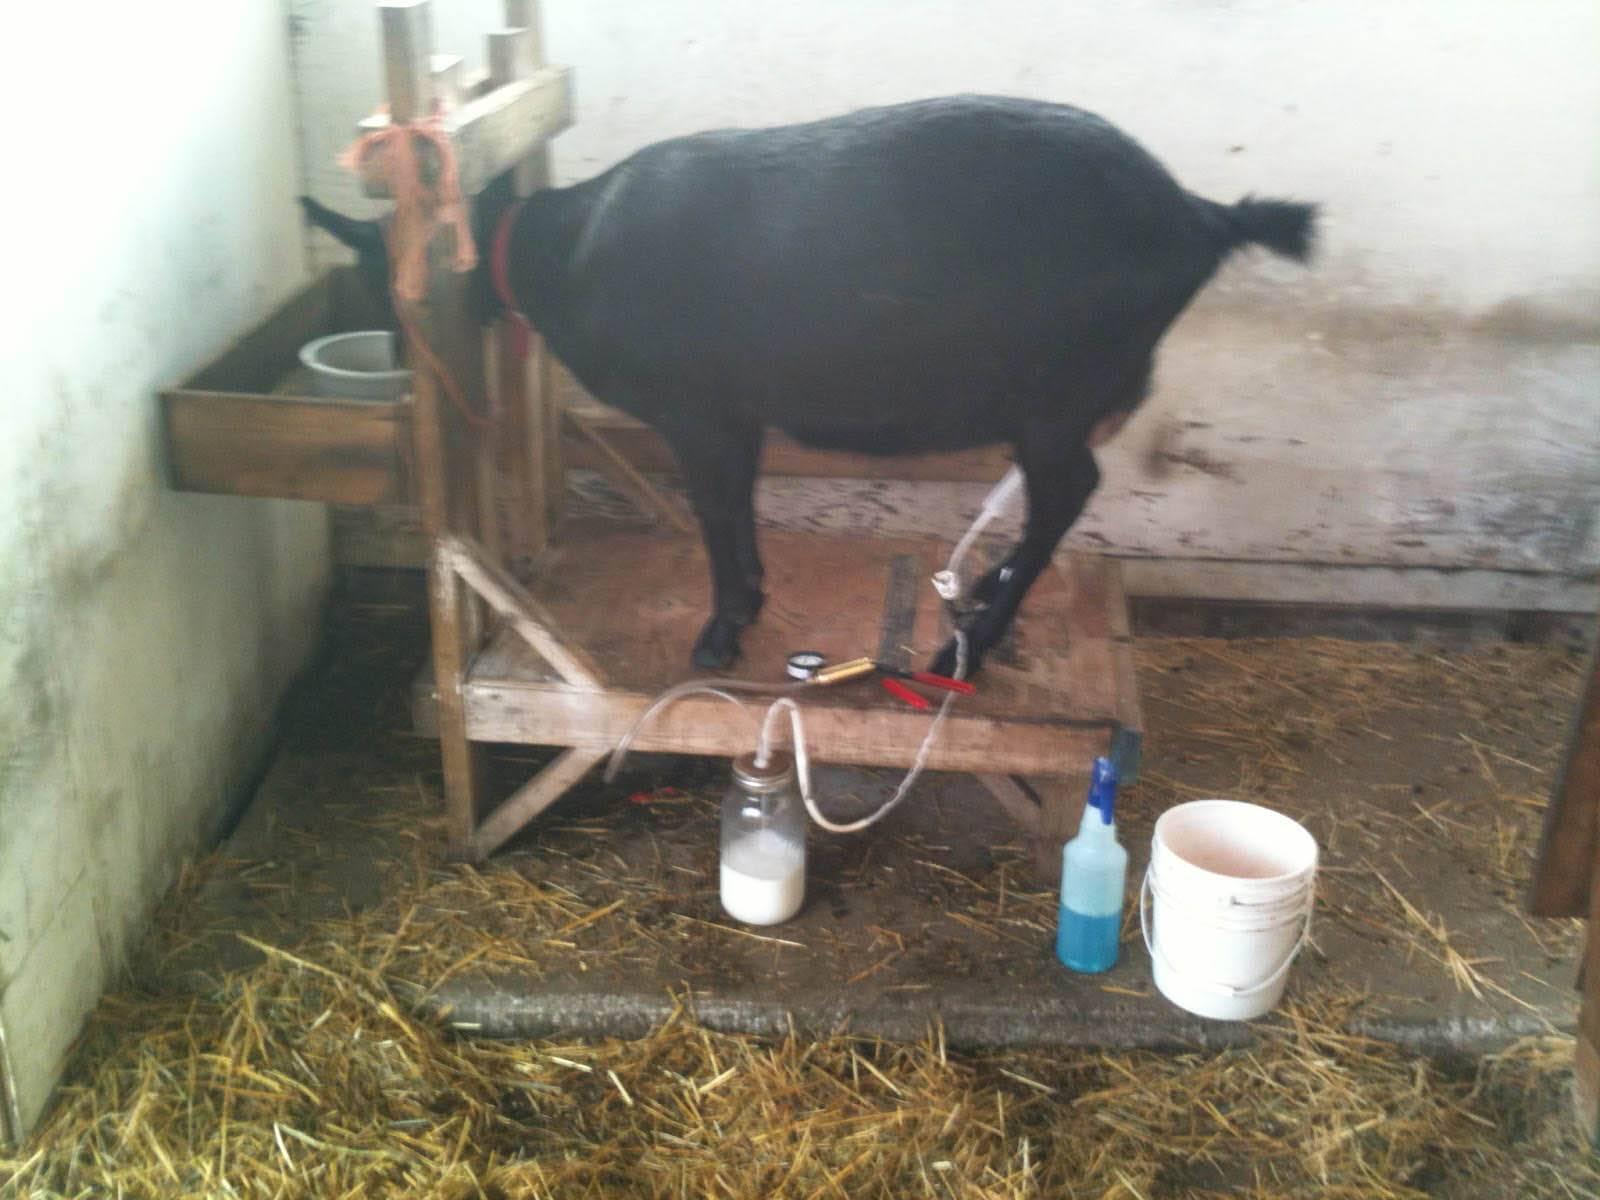 Как выбрать доильный аппарат для козы. дойка коз аппаратом